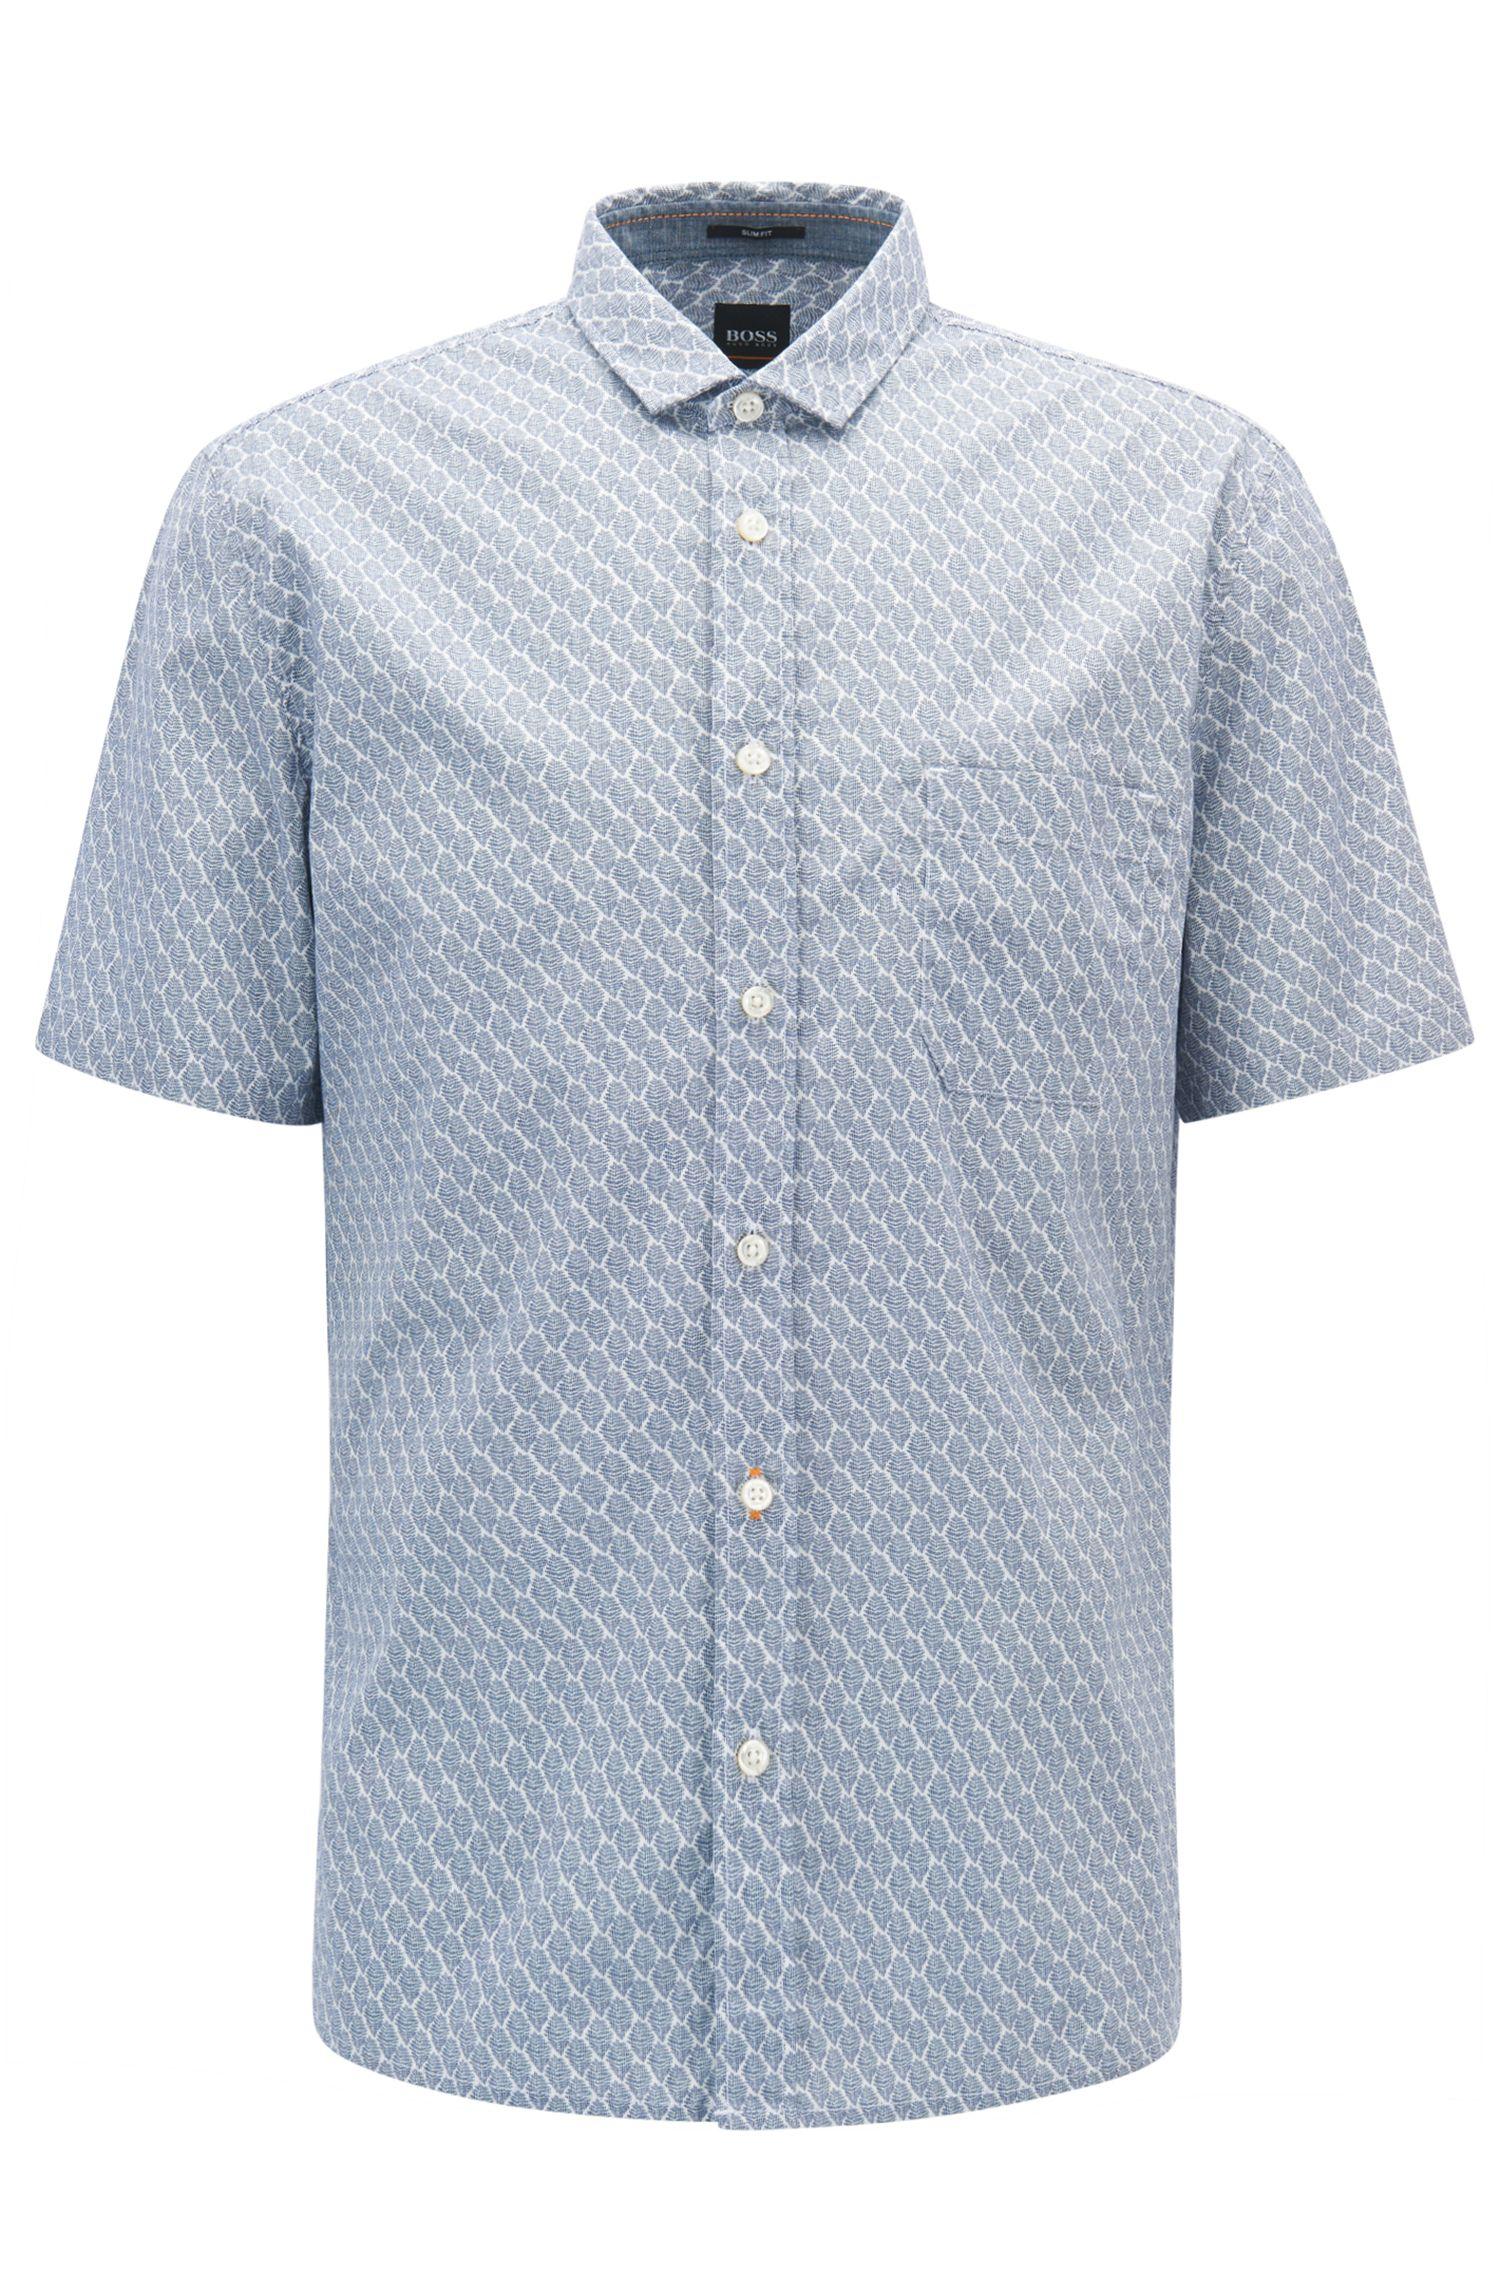 Camicia slim fit a disegni in cotone elasticizzato